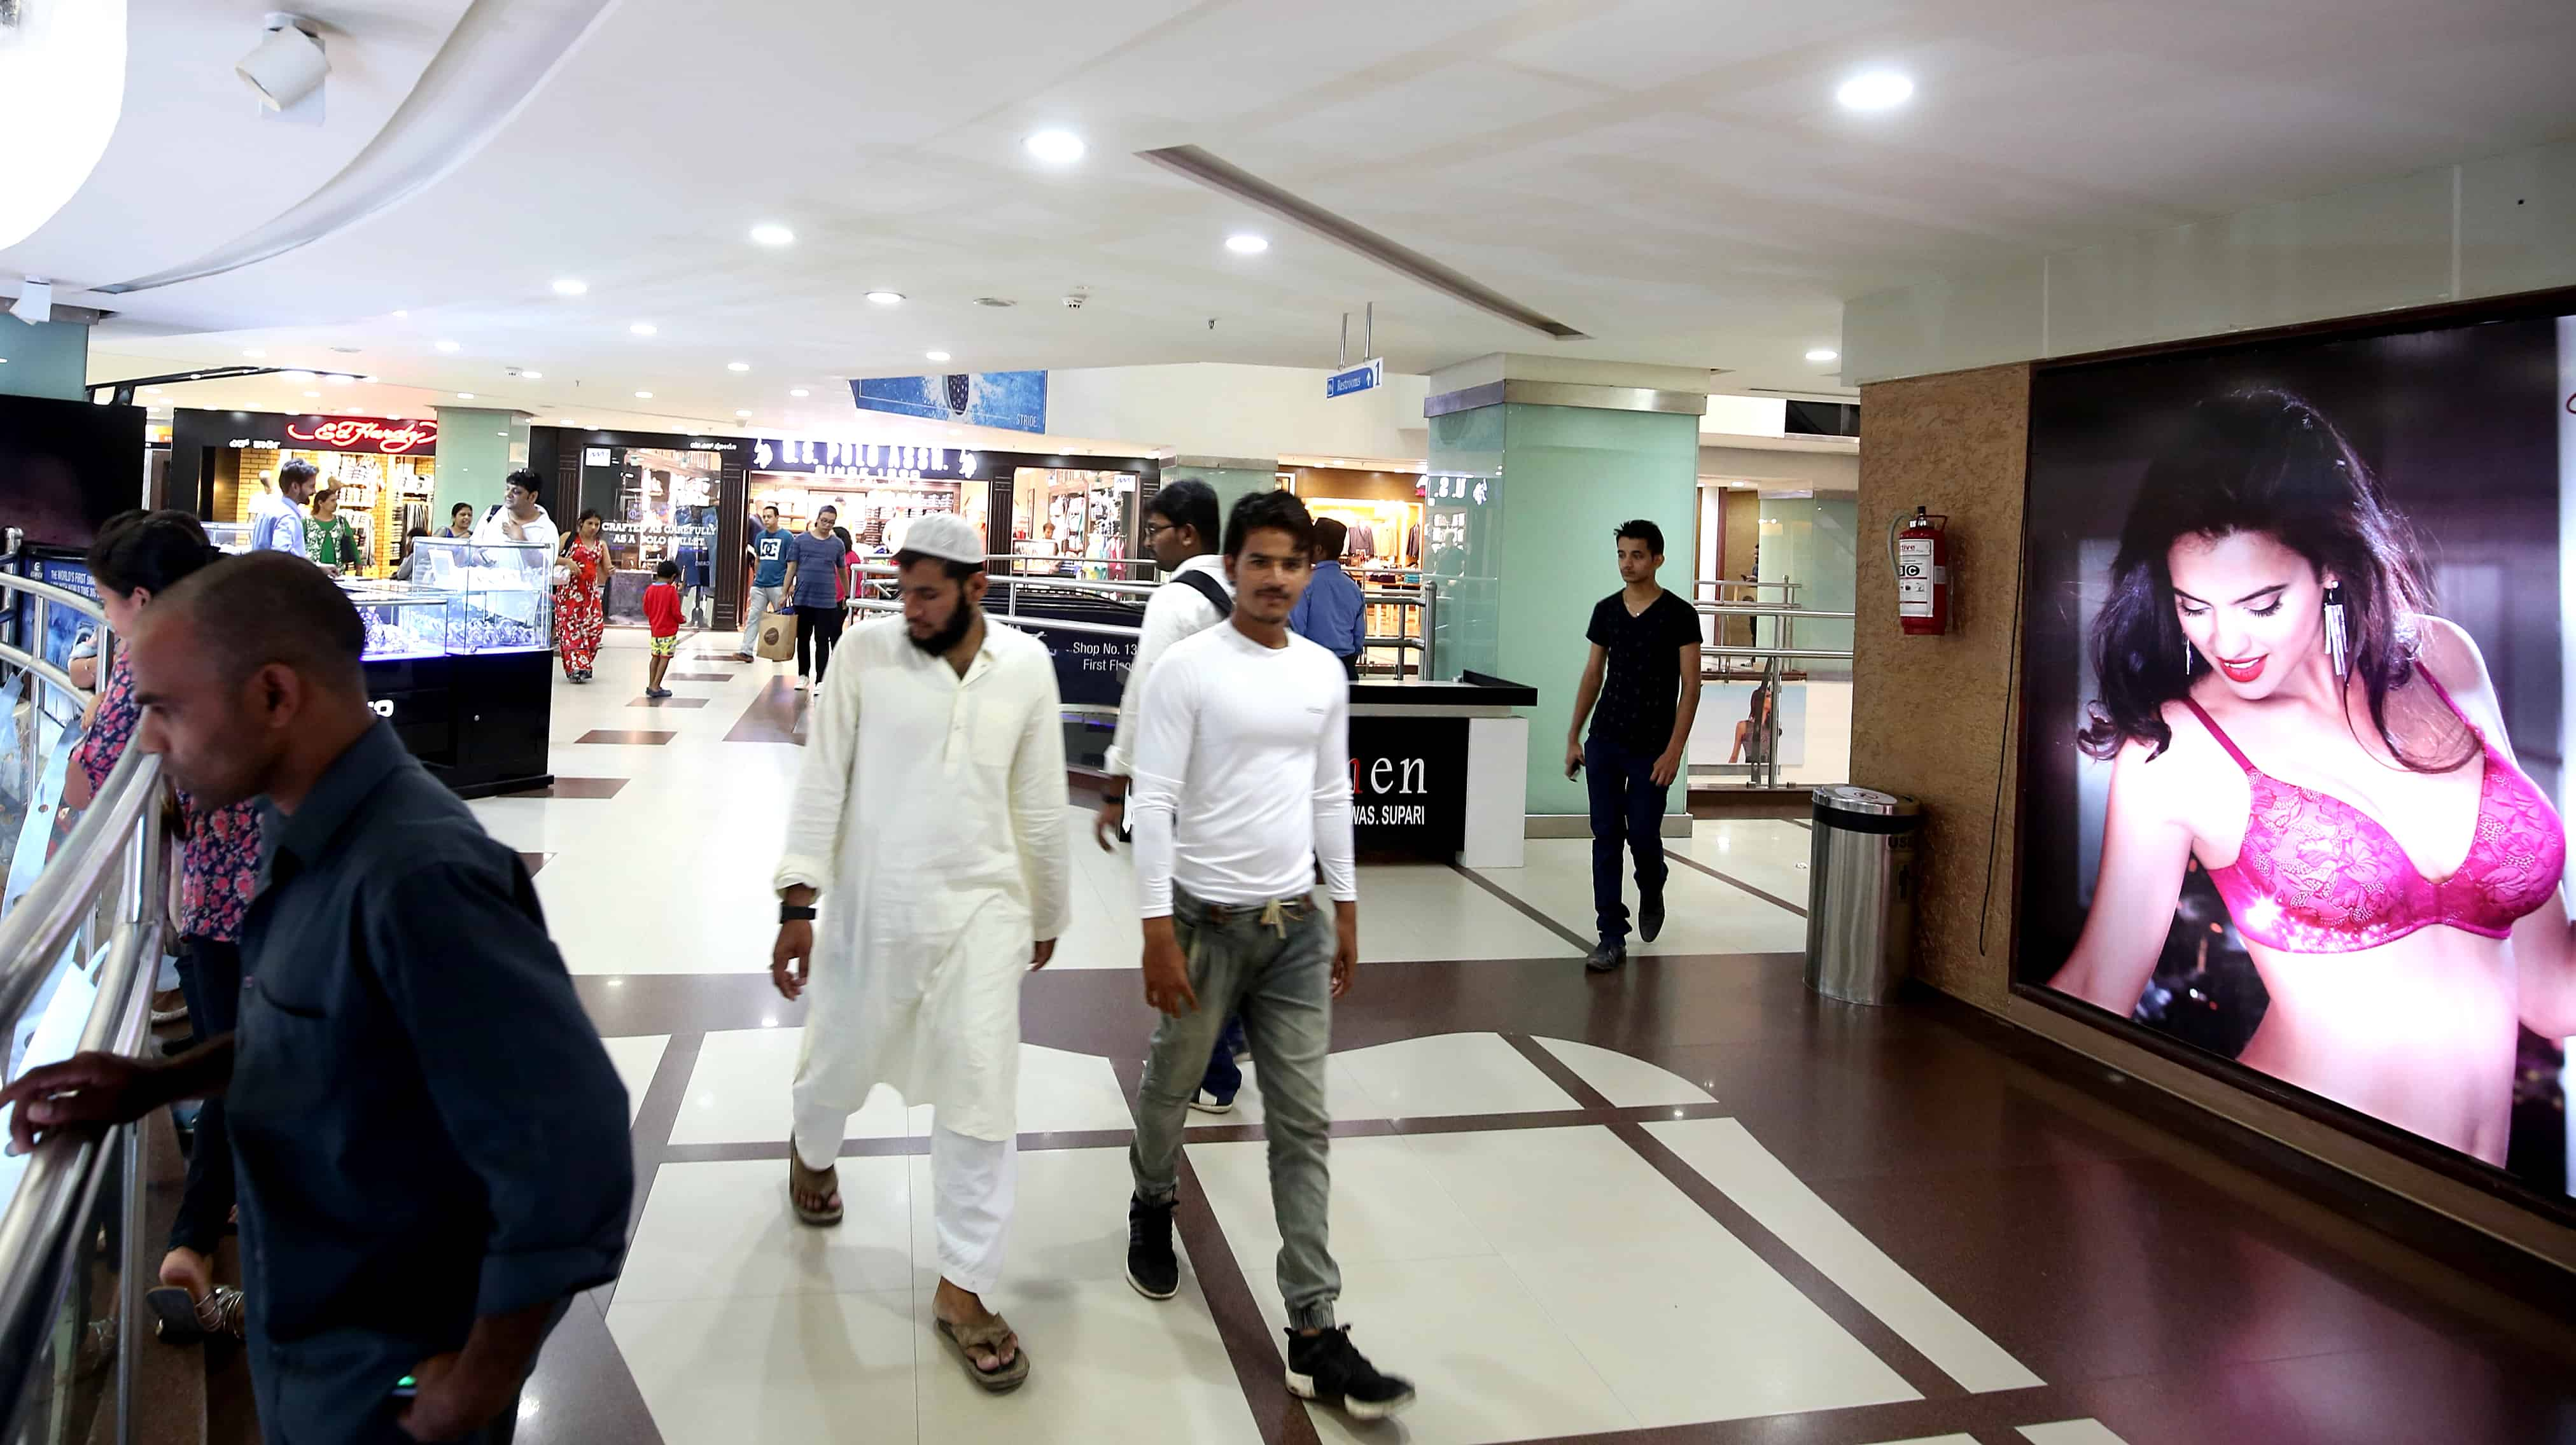 Des gens de toutes les cultures marchent dans un centre commercial à Bangalore.